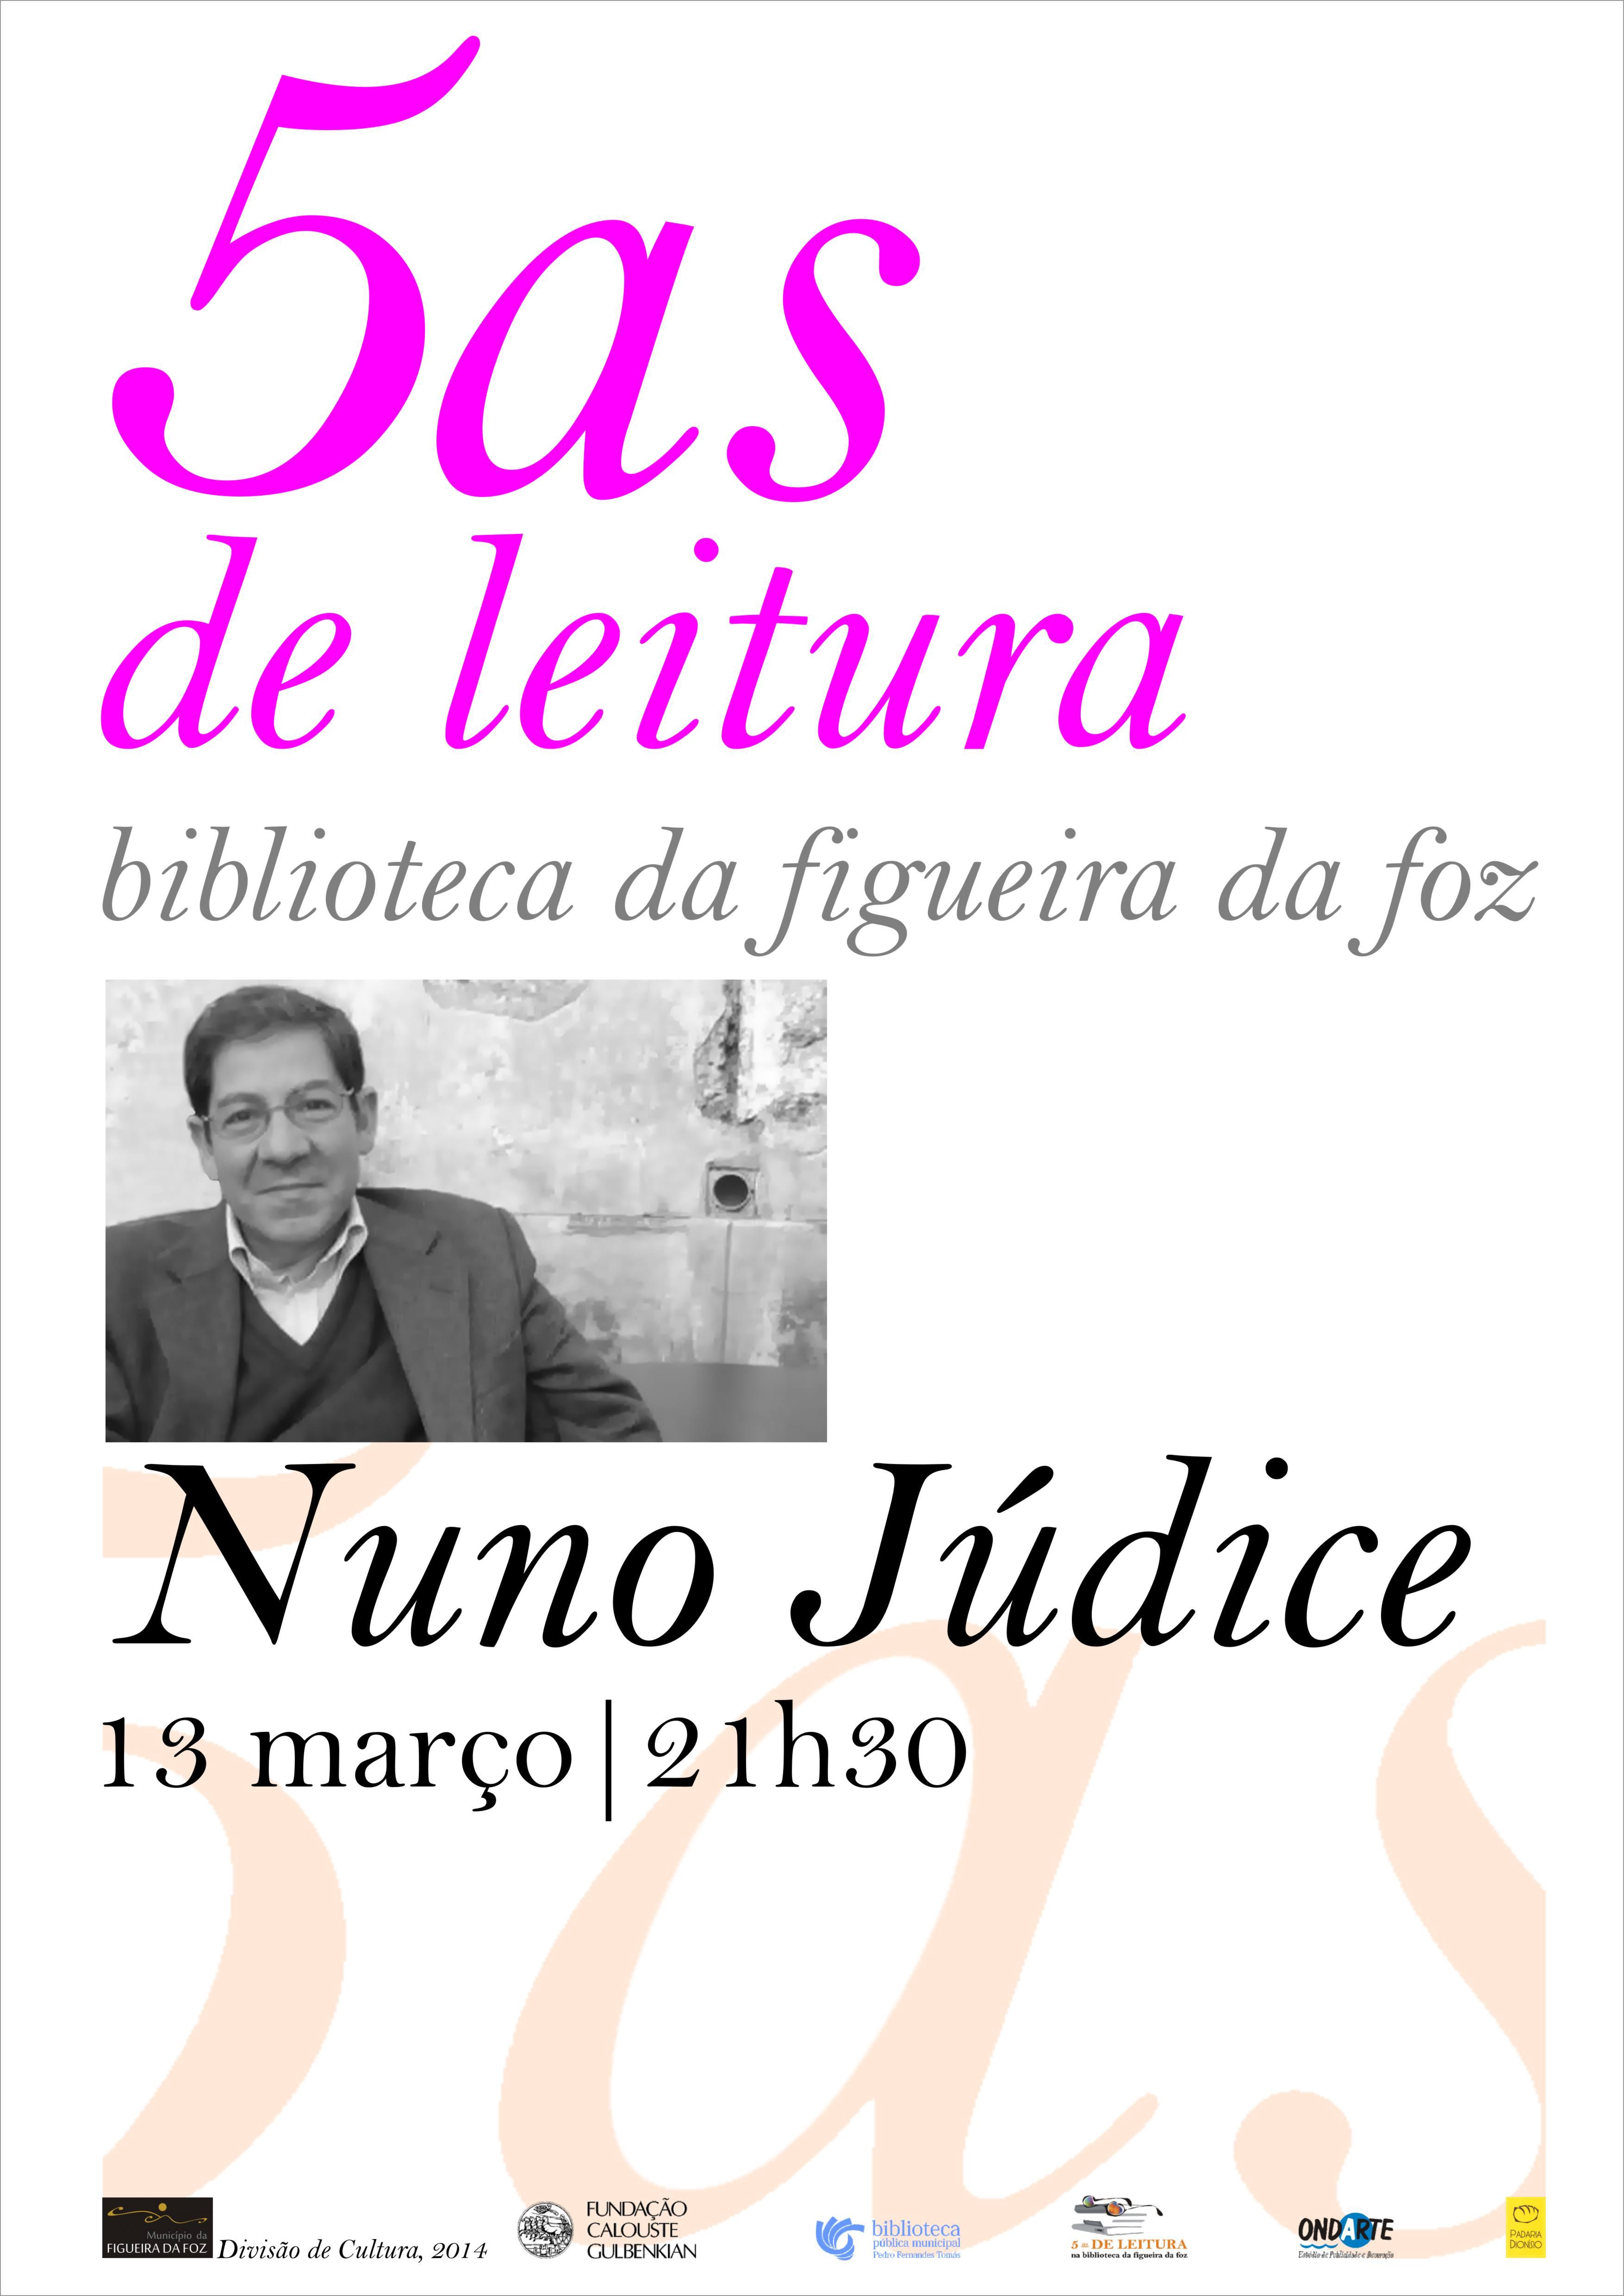 nuno_judice